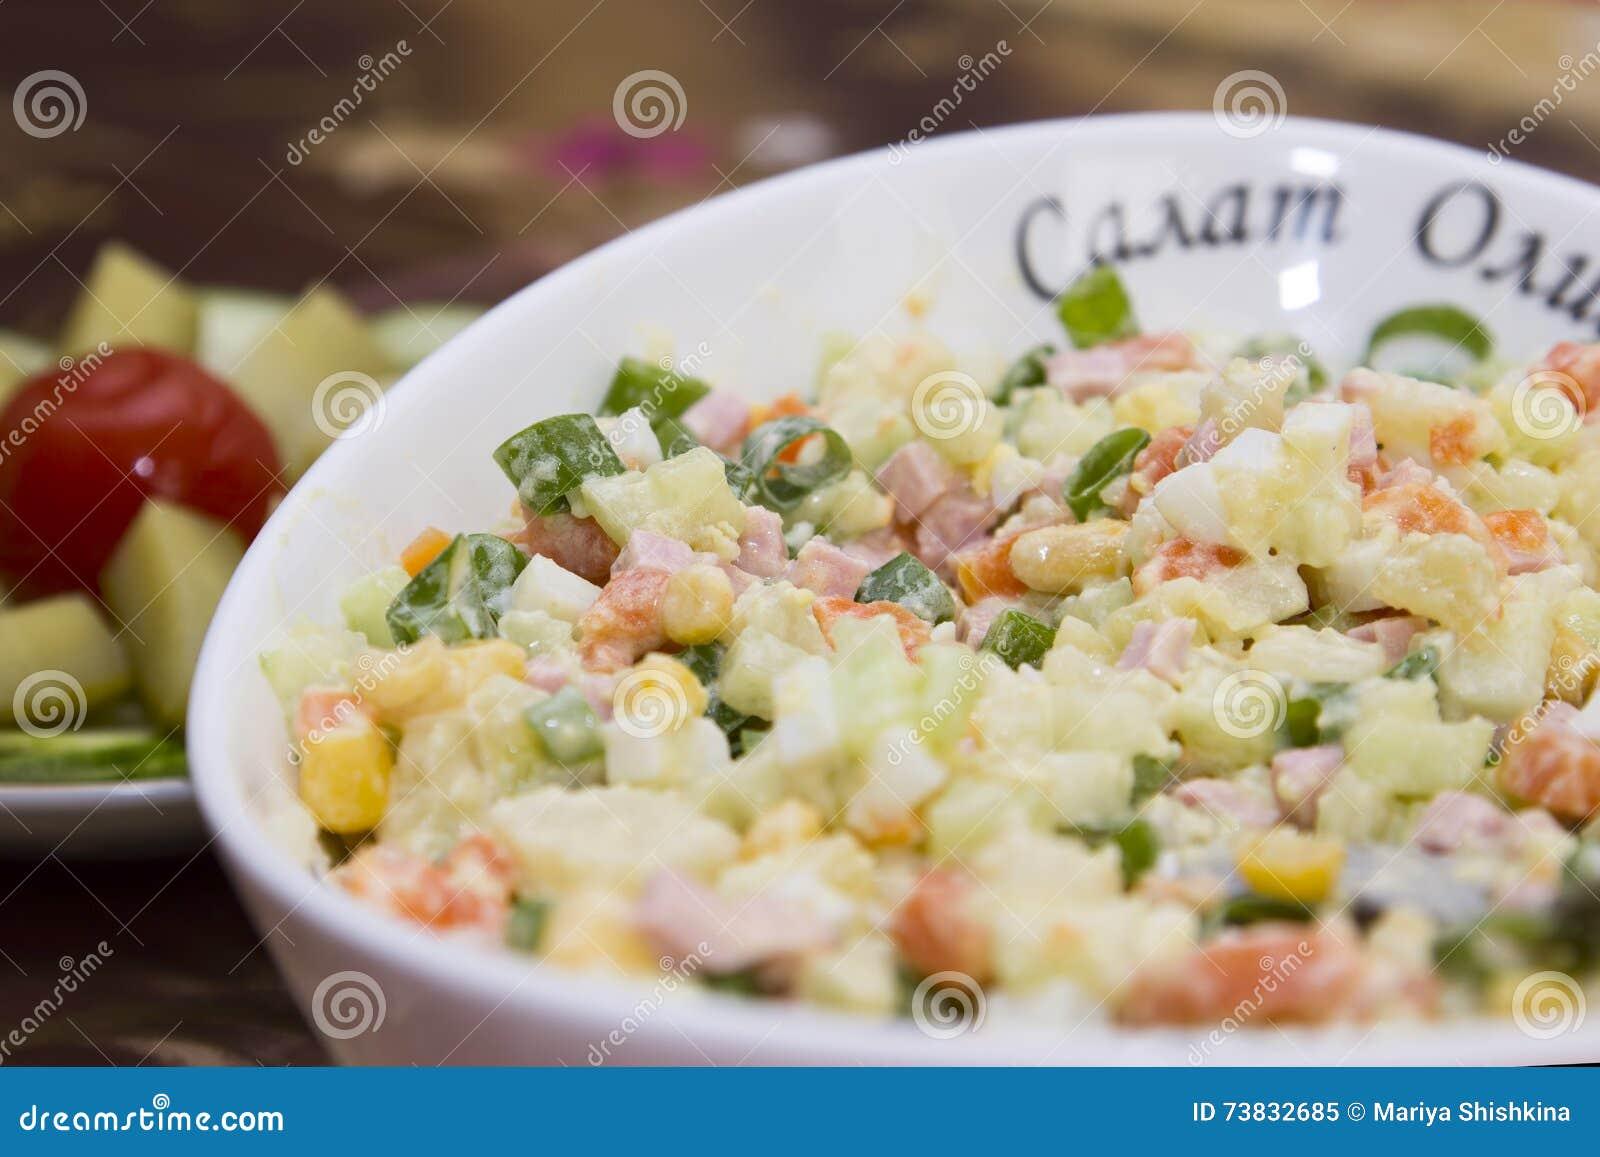 För ryssOlivier för sovjetiska tider kokade populär typisk wirh sallad grönsaker